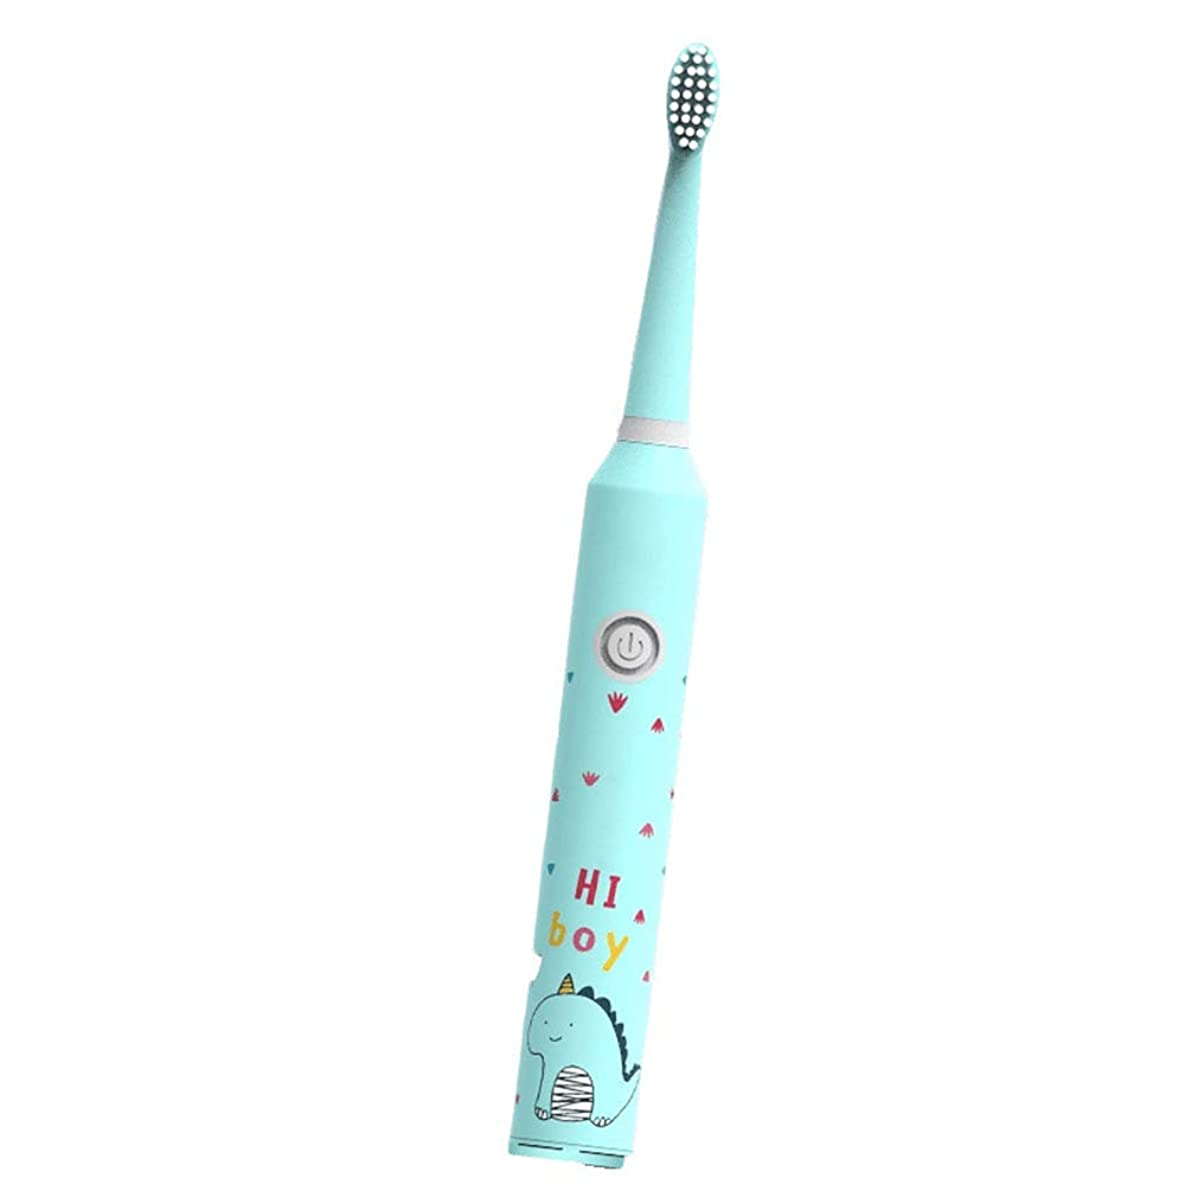 フィードバック無駄に褐色歯ブラシの取り外しのための取り替えのブラシの頭部および歯を白くすることを用いる子供の電動歯ブラシ(子供の電子歯ブラシ)